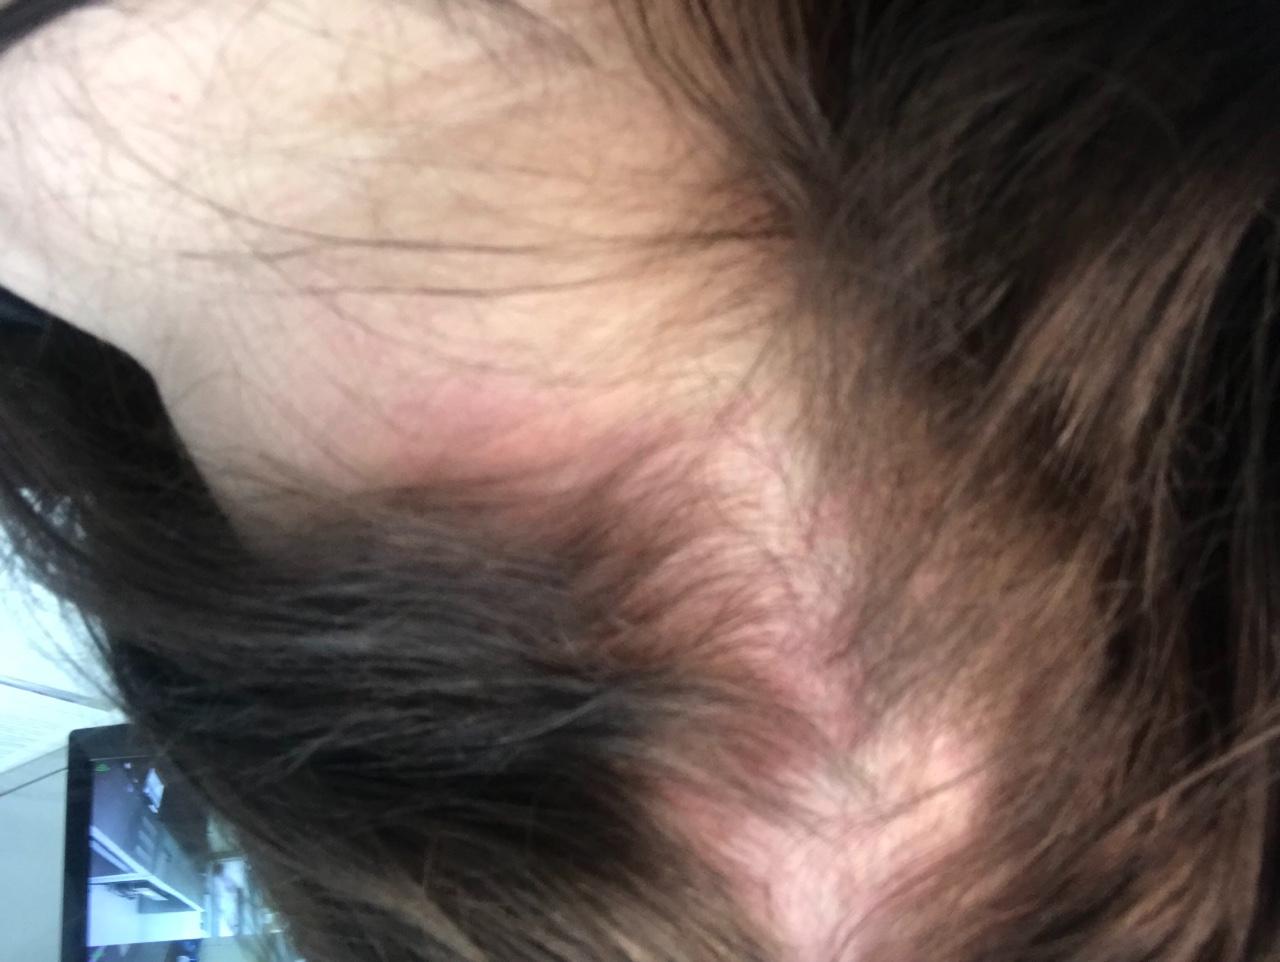 Если у вас чешется голова и выпадают волосы: разбираемся в причинах, изучаем методы лечения